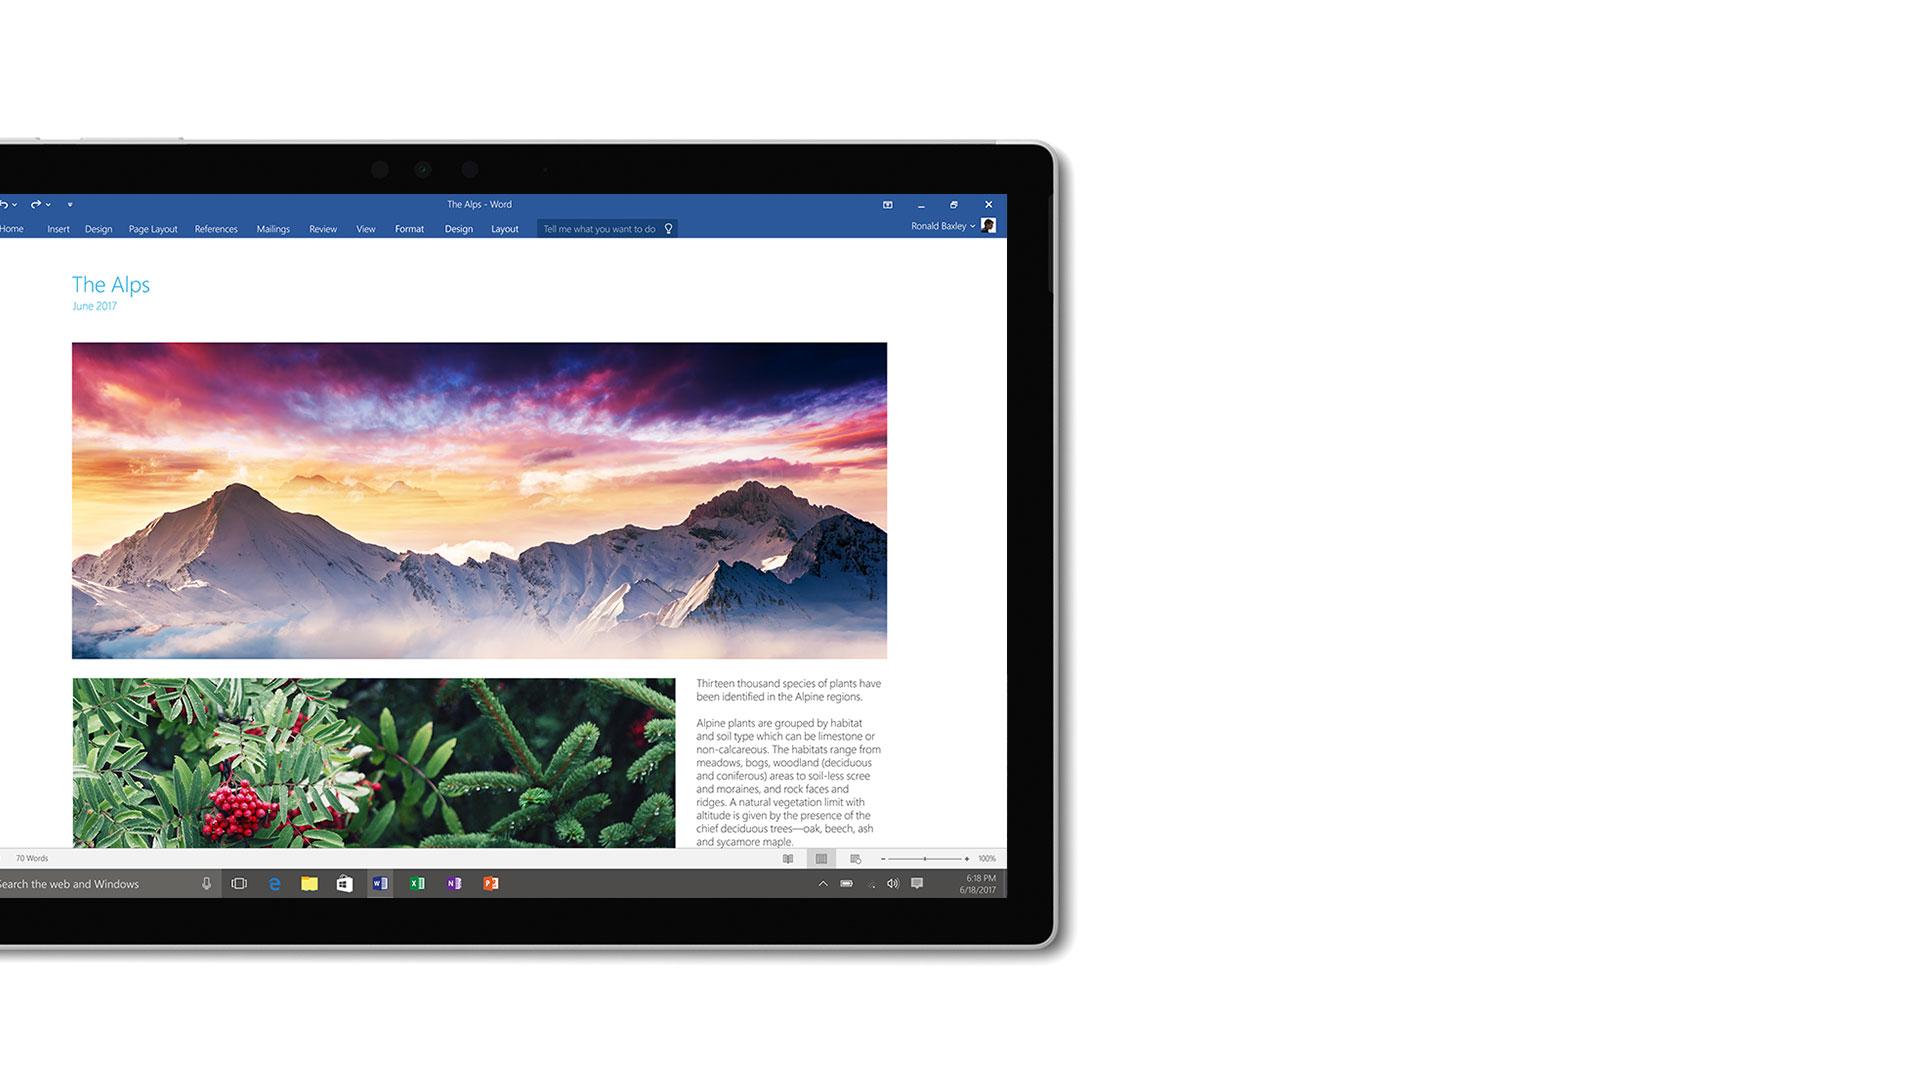 Imagen de la interfaz de usuario de Microsoft Word